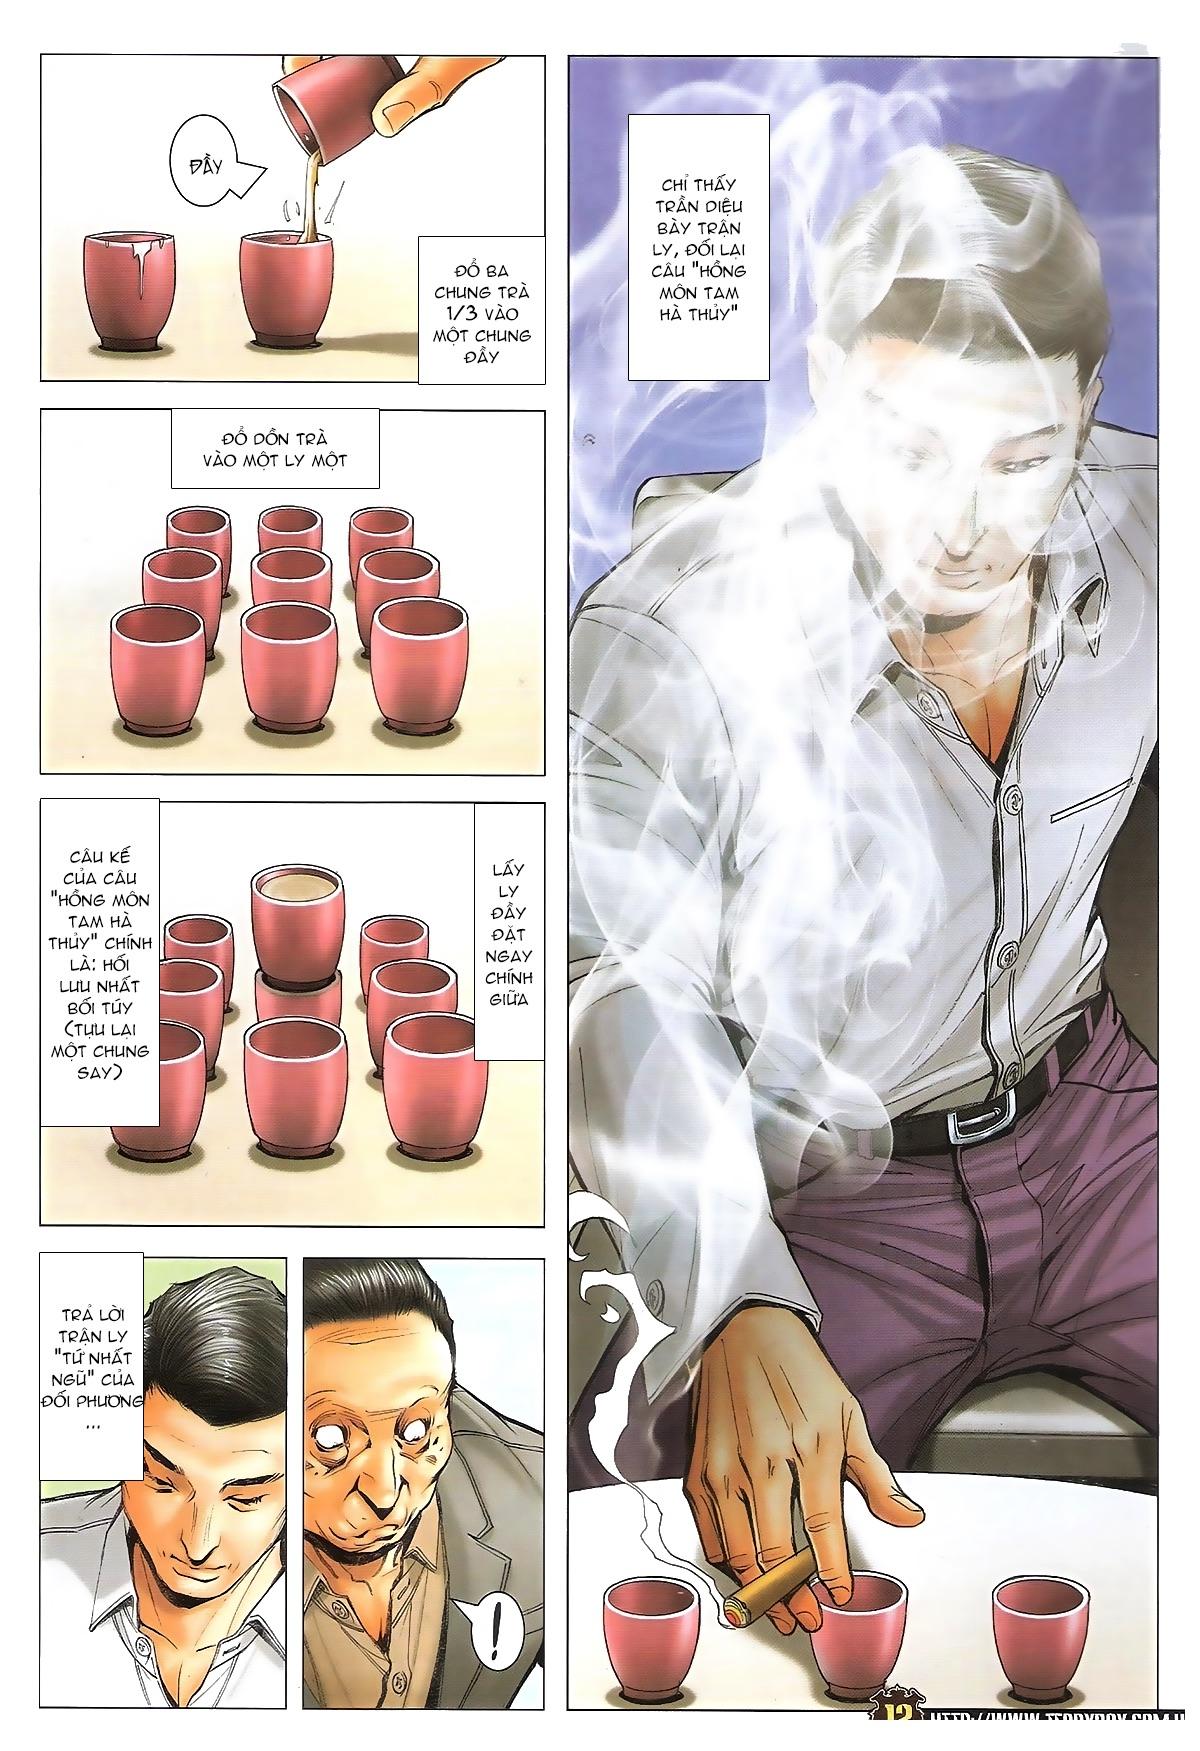 Người Trong Giang Hồ - Ngũ Hổ qui thiên - Chapter 1716: Đàm phán siêu cấp 2 - Pic 10